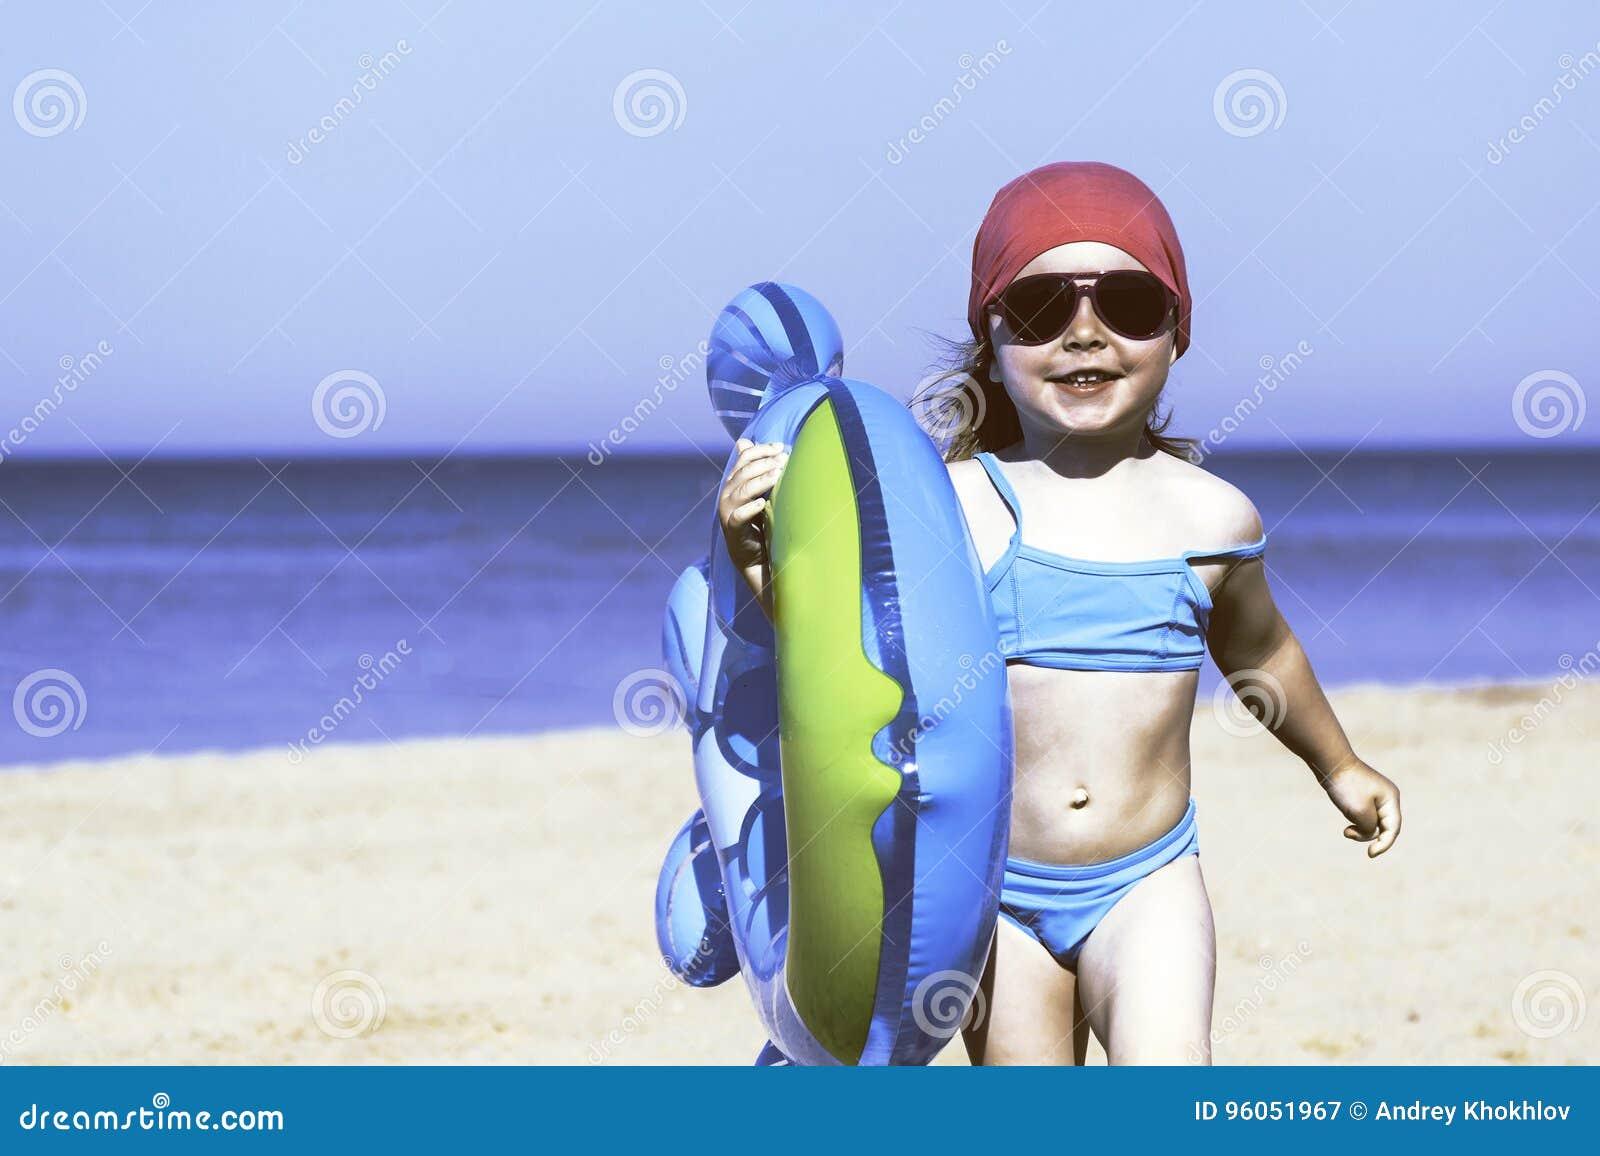 Fille heureuse avec un cercle gonflable sur la plage